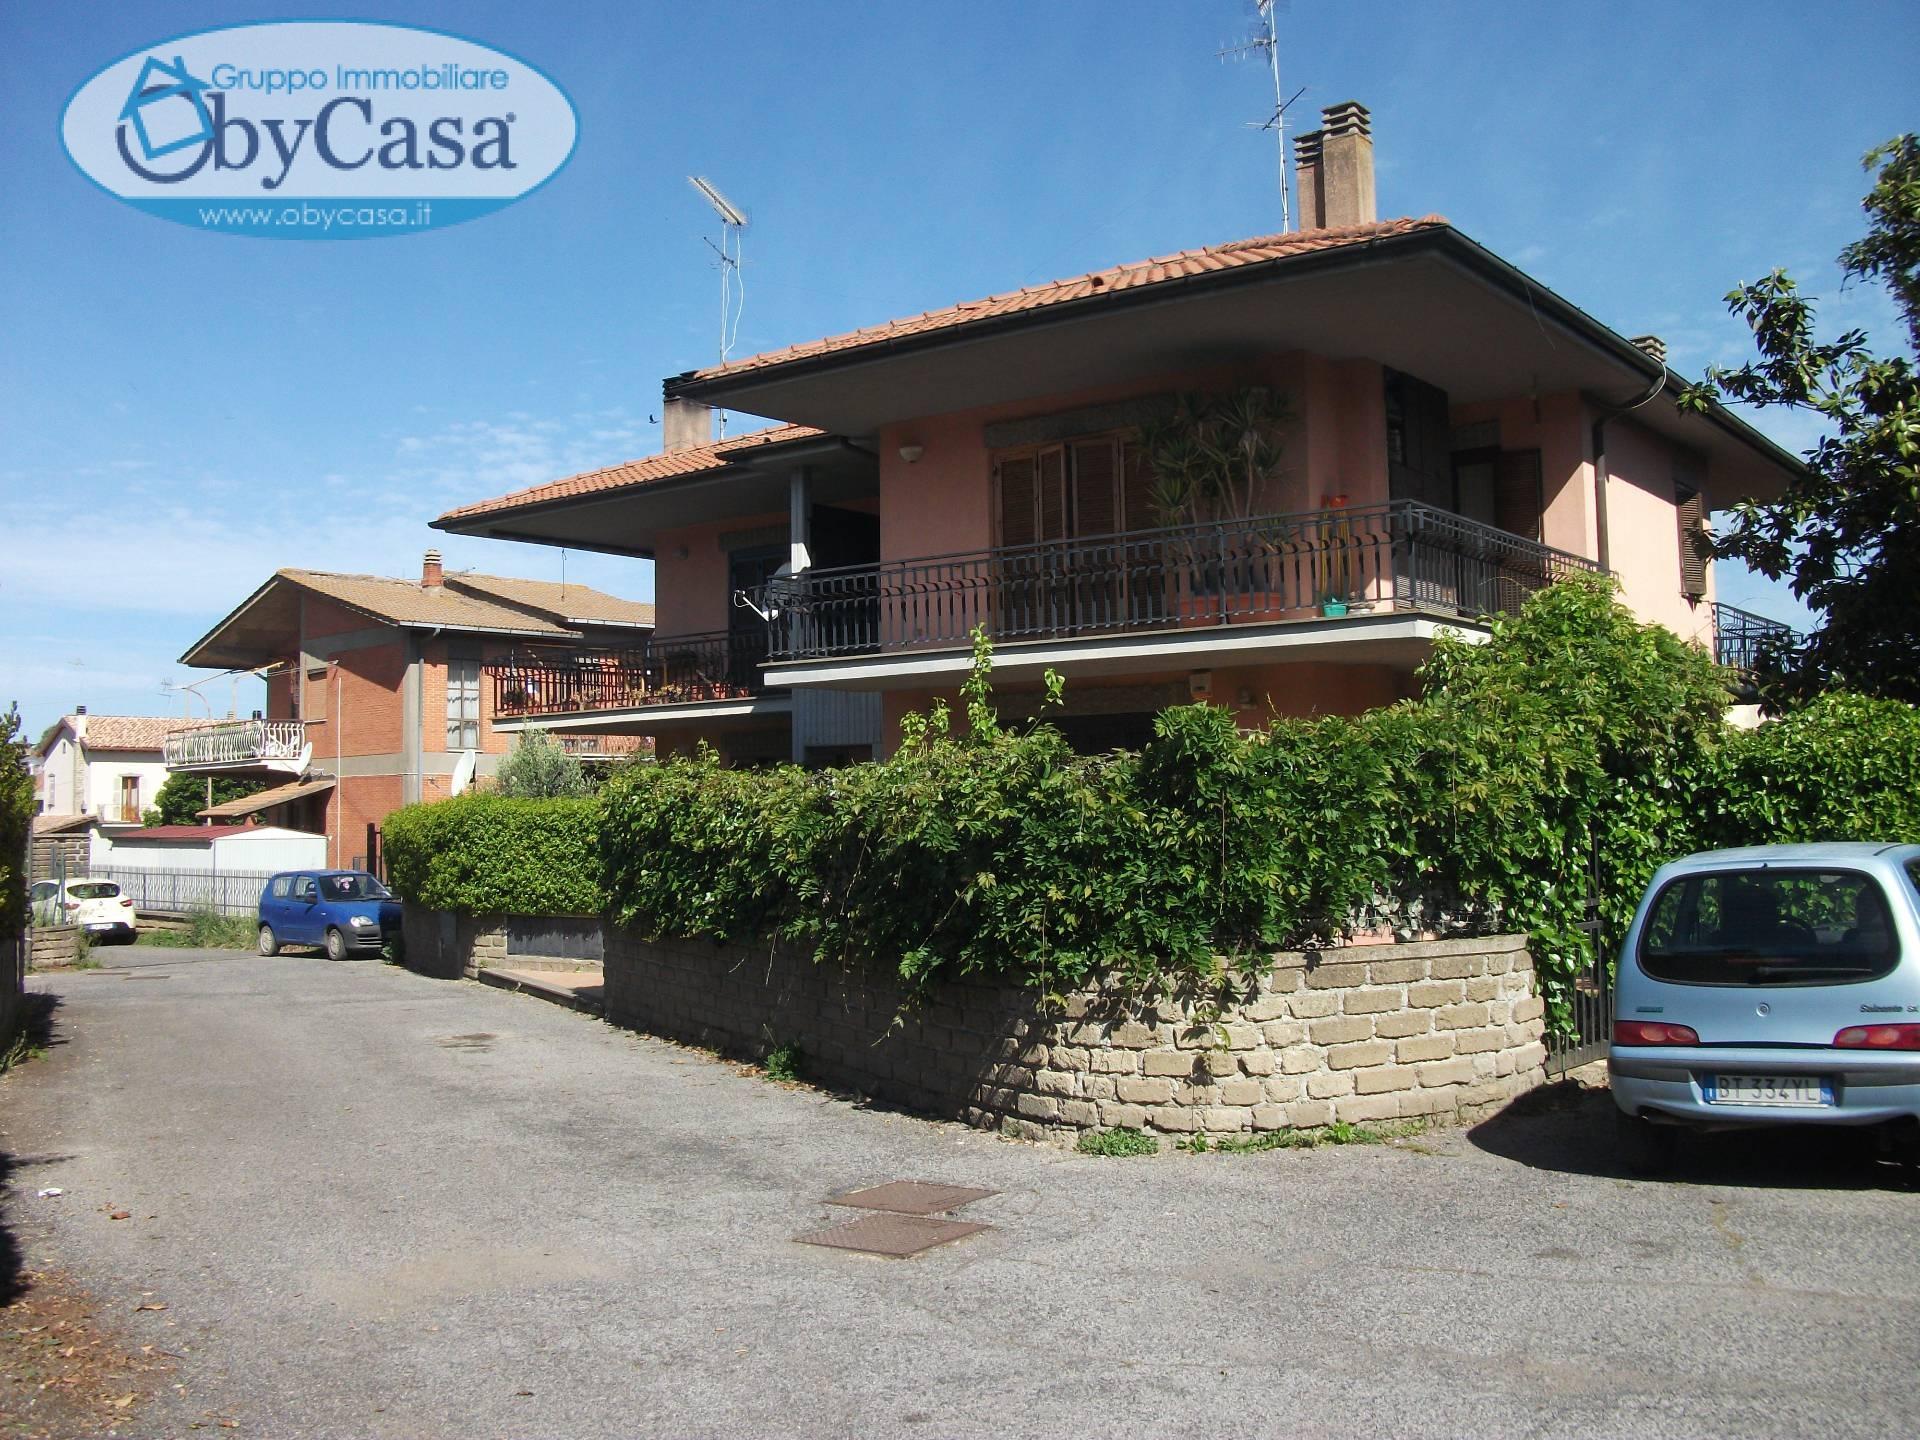 Appartamento in affitto a Oriolo Romano, 2 locali, prezzo € 375 | Cambio Casa.it